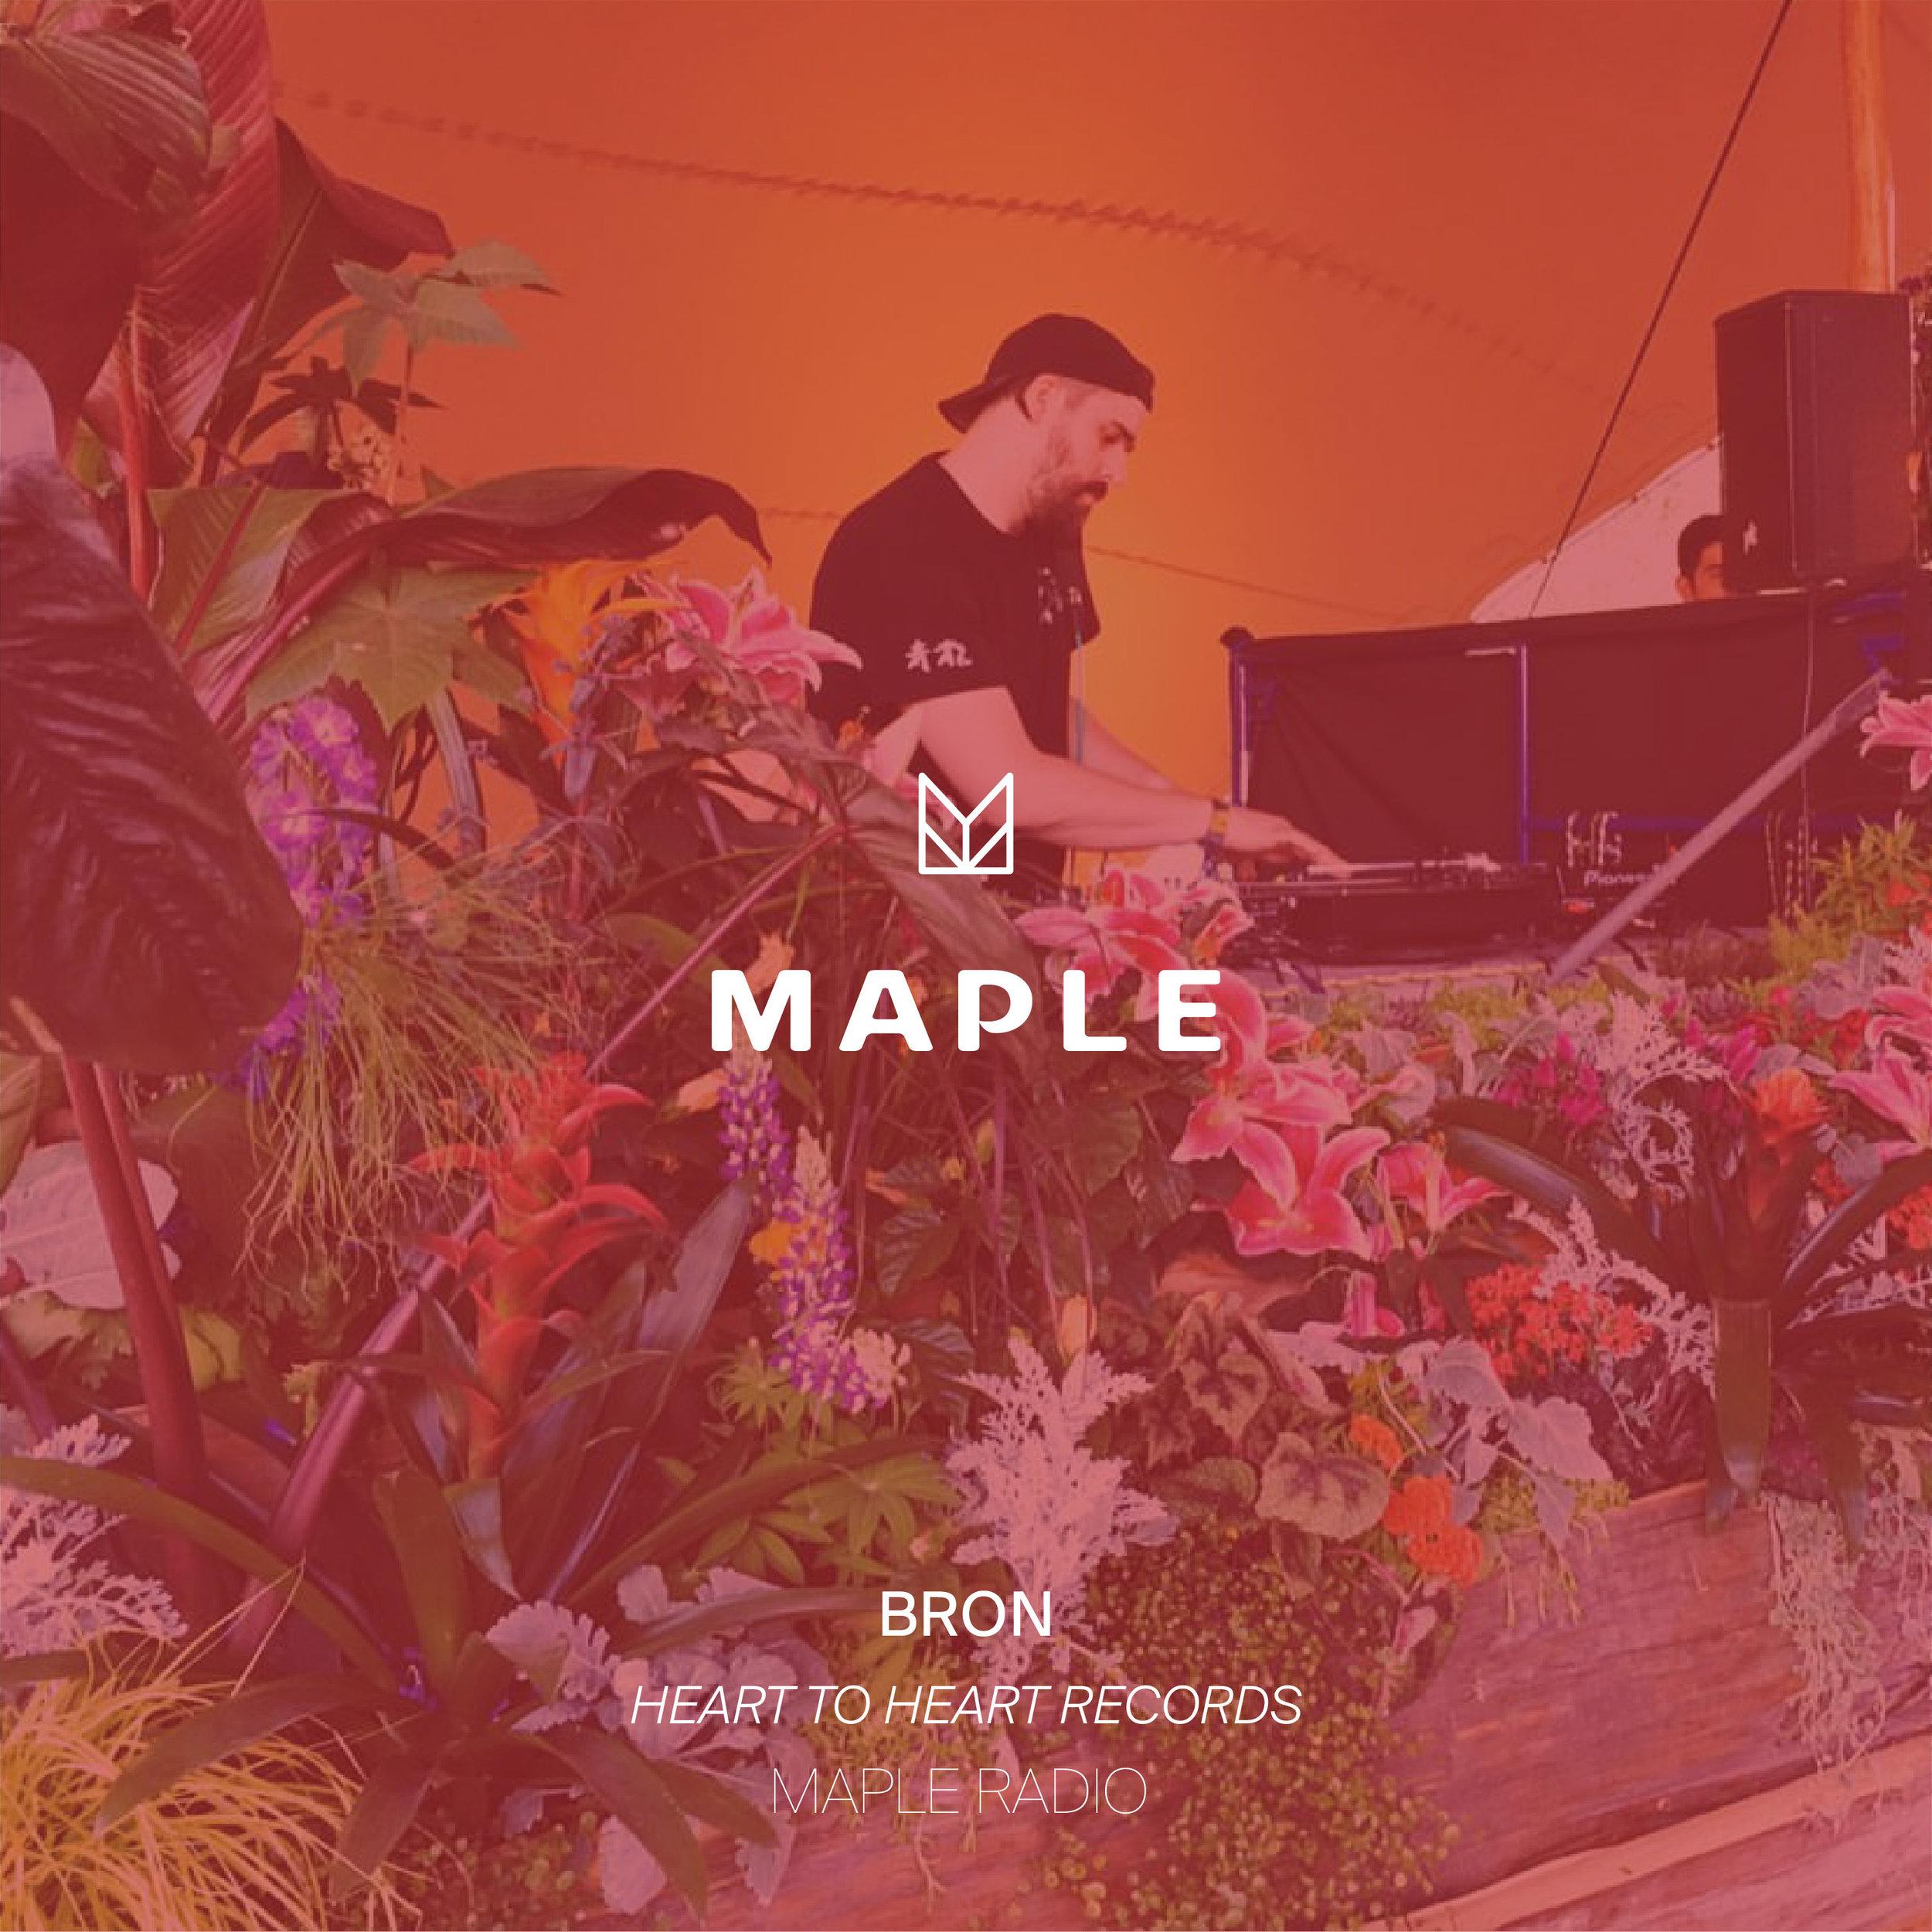 Heart-toHeart-Maple-radio-01.jpg